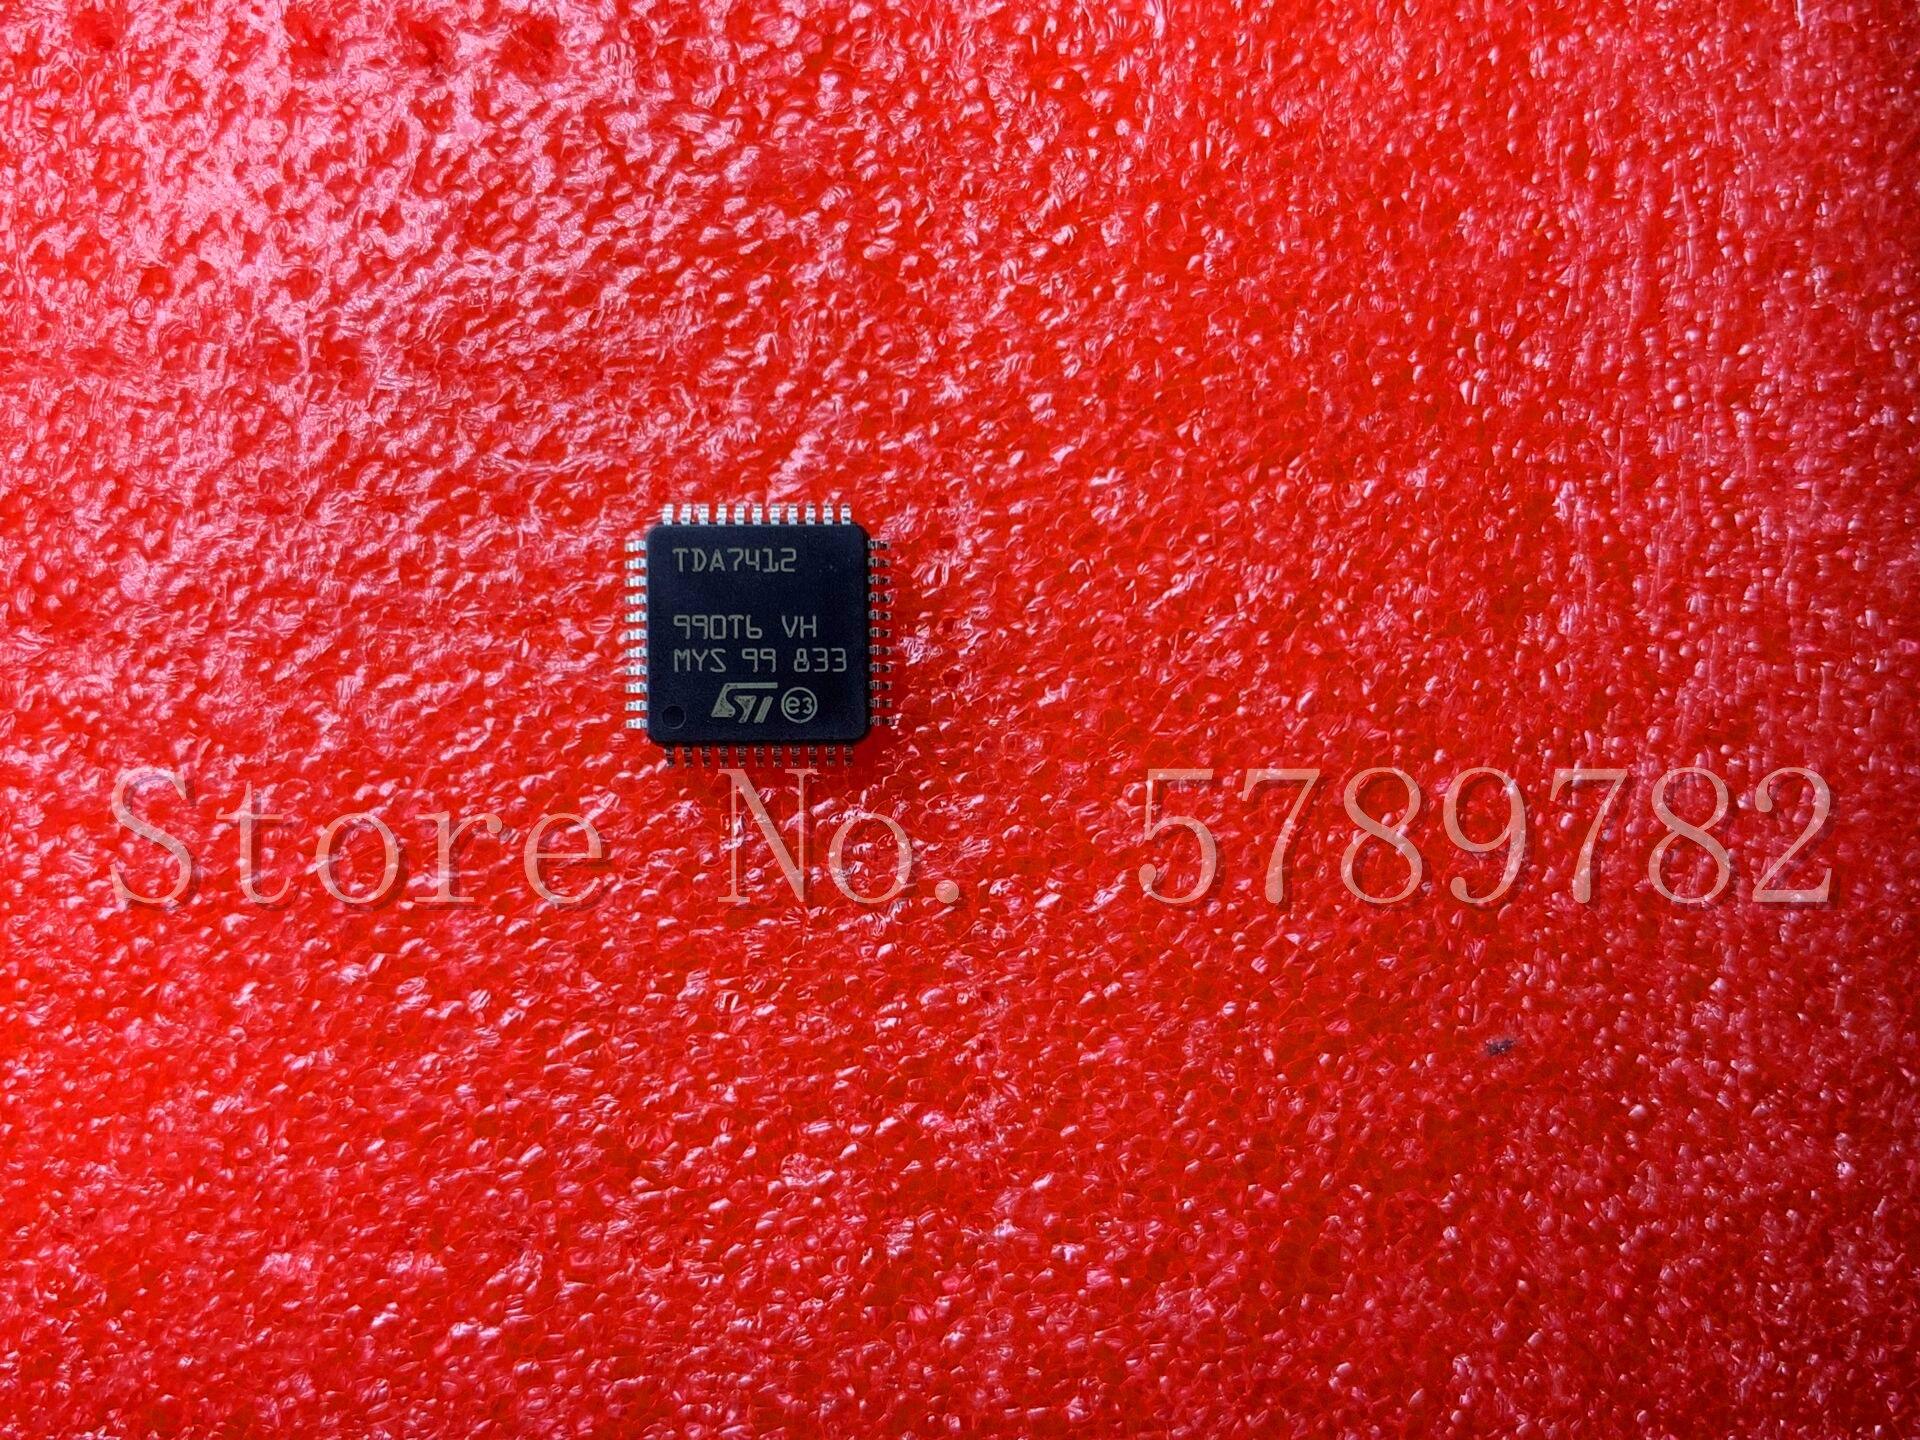 1pcs-lot-tda7412-qfp44